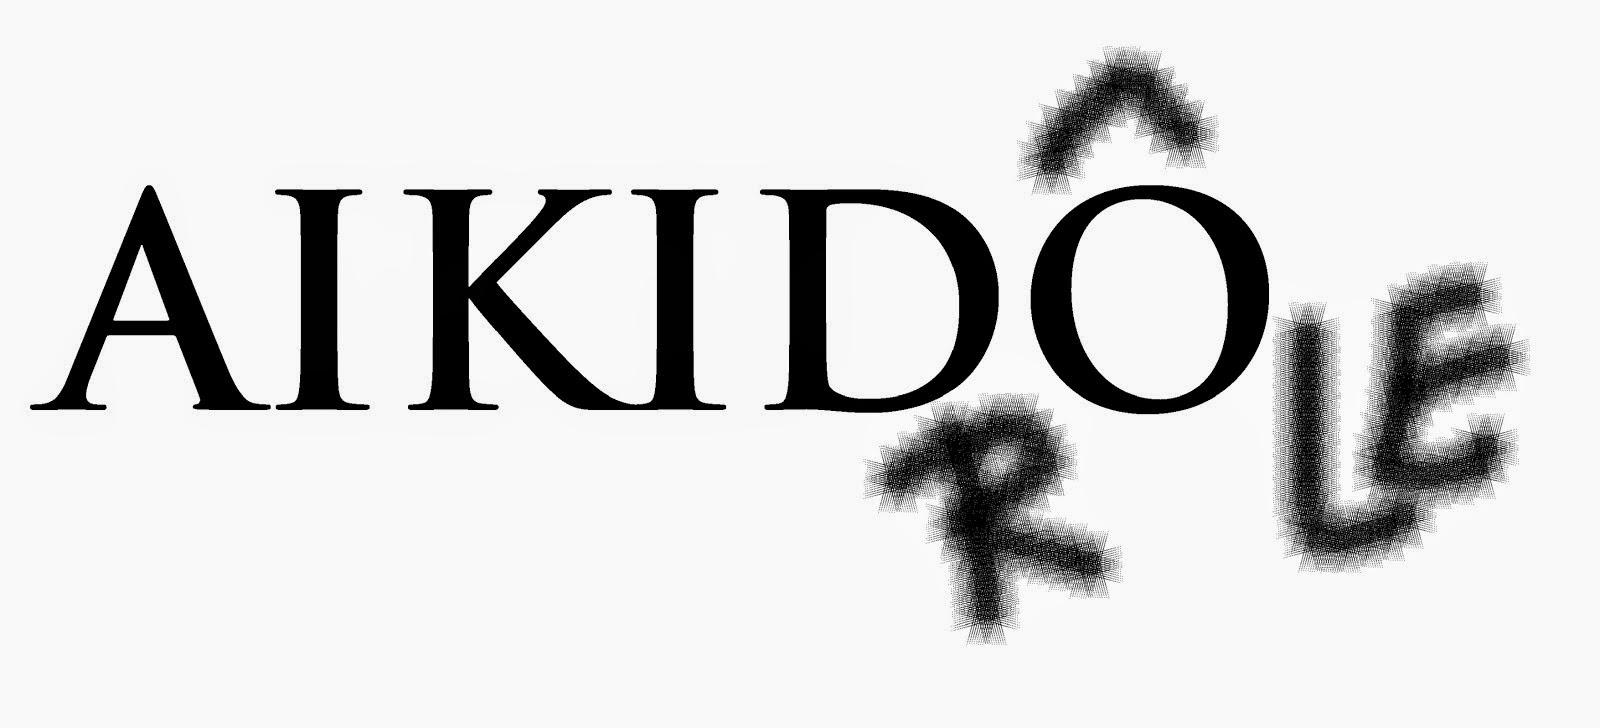 La BD humoristique sur l'aikido